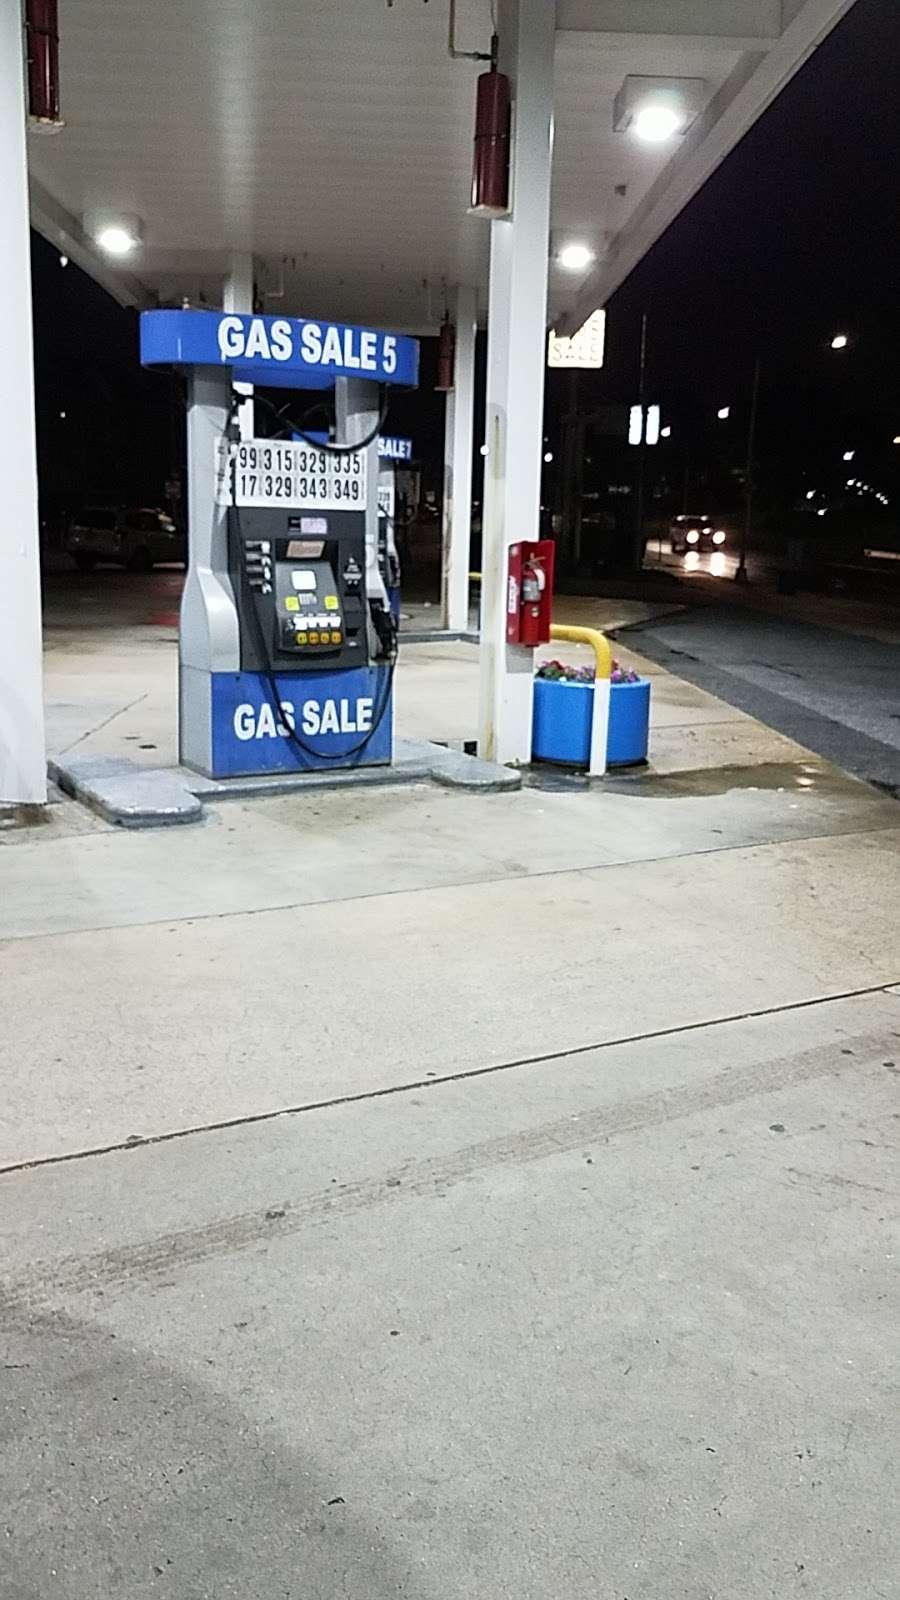 Gas Sale - gas station  | Photo 1 of 3 | Address: 174-02 Horace Harding Expy, Flushing, NY 11365, USA